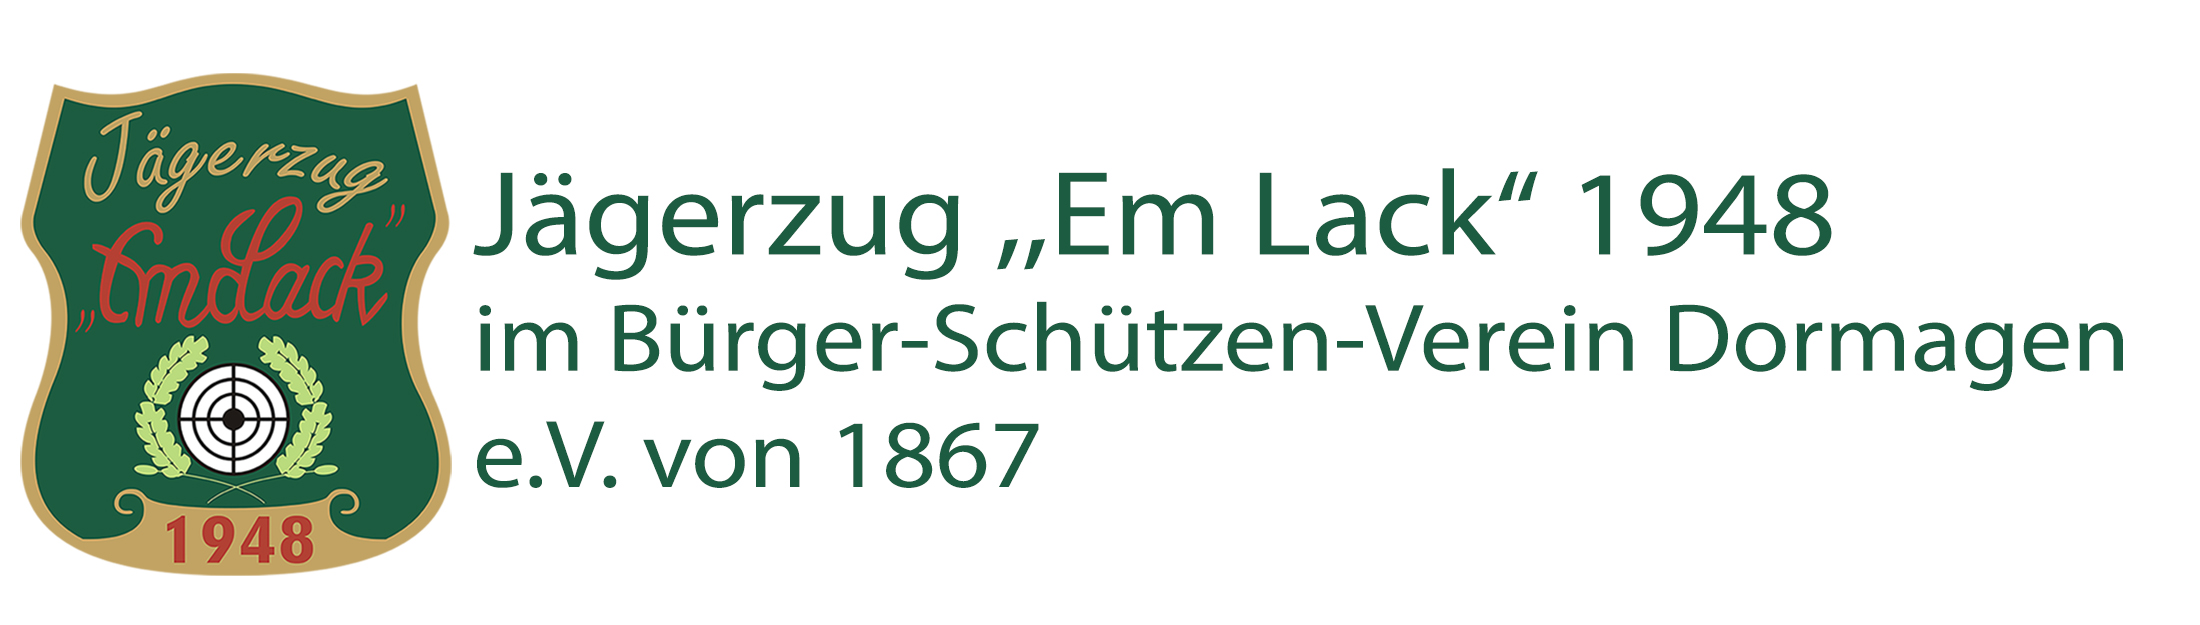 Jägerzug Em Lack 1948